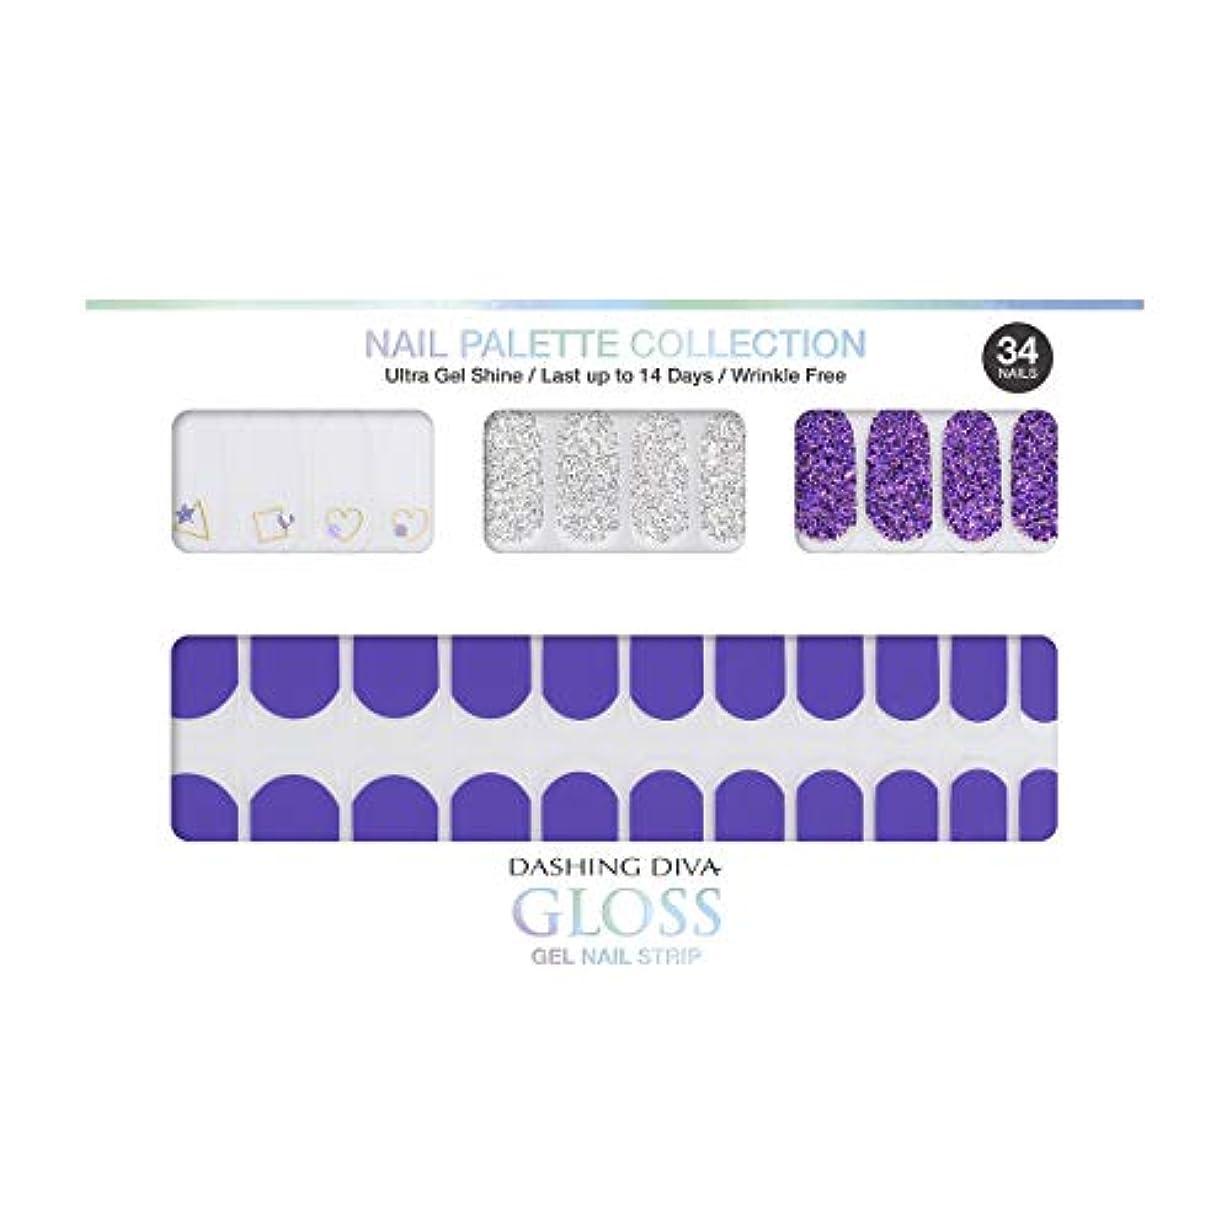 改革限られた法律によりダッシングディバ グロスジェル ネイルストリップ DASHING DIVA Gloss Gel Nail Strip DGNP11-DURY+ オリジナルジェル ネイルシール Ice #11 Frozen Grape